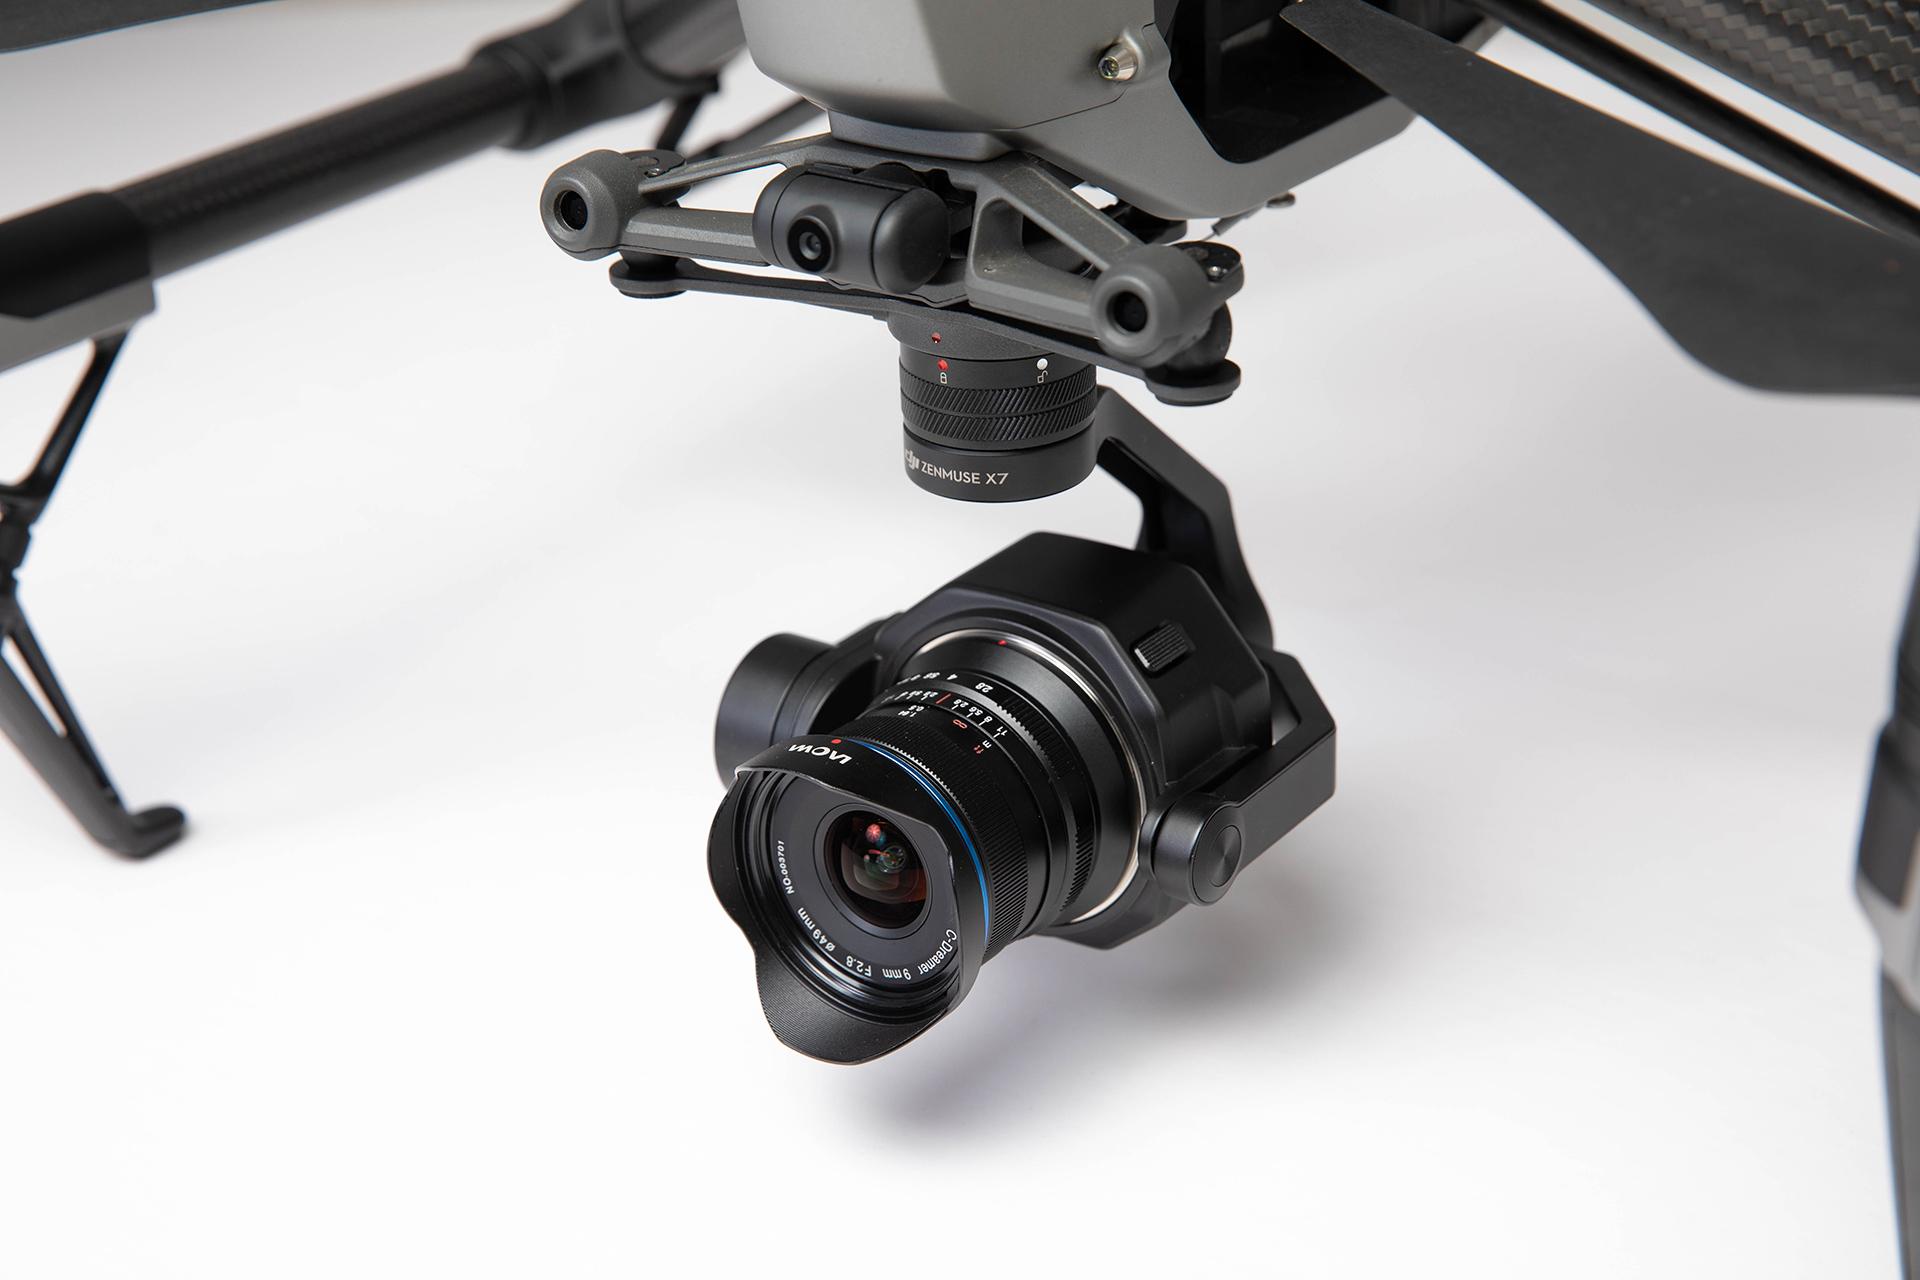 LAOWA 9mm f/2.8 - DJI X7ドローンカメラ用広角レンズ